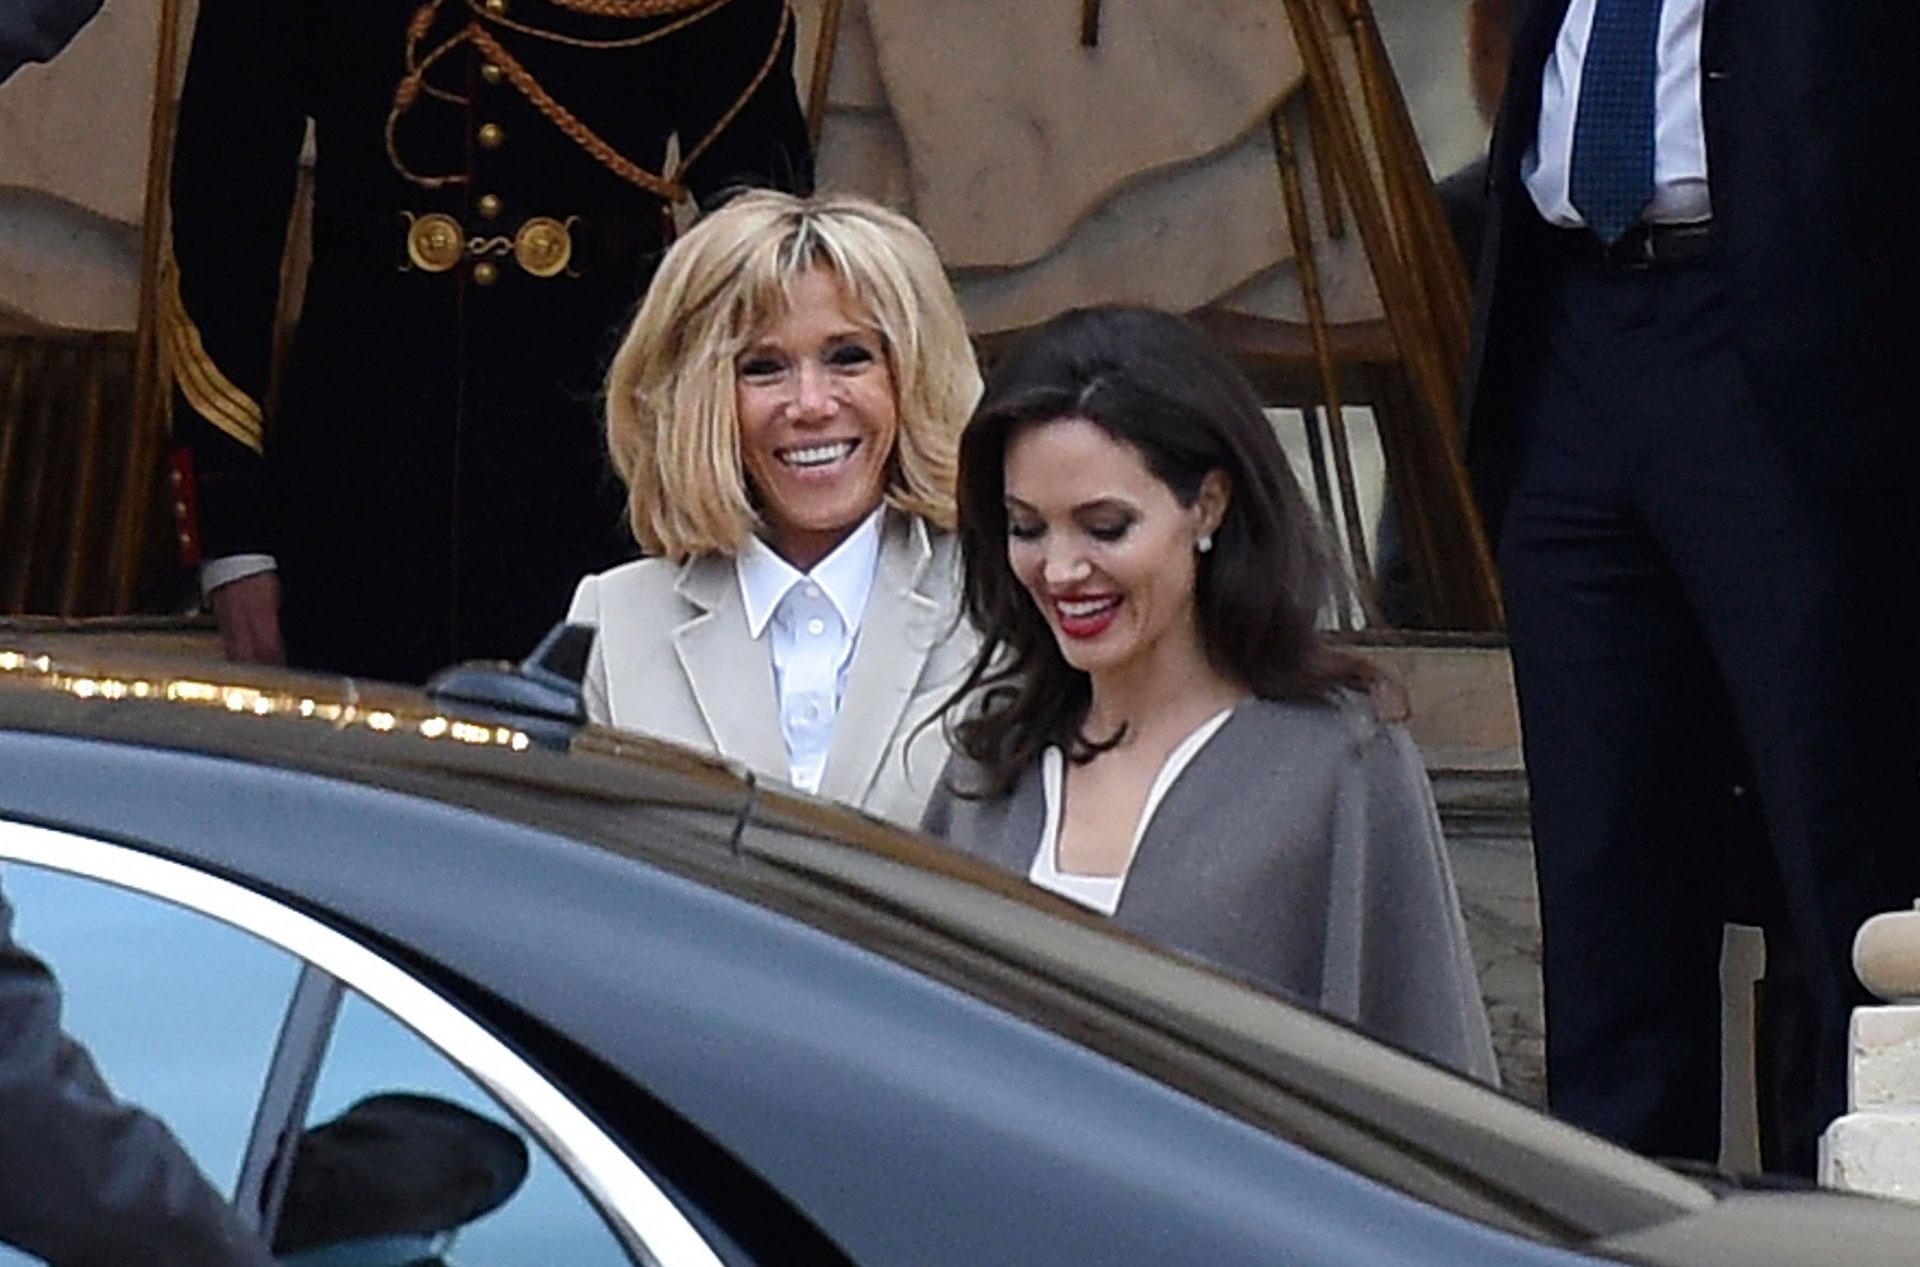 Brigitte Macron despidió a Angelina Jolie en la entrada del Elíseo y la acompañó hasta el auto. Ambas se saludaron afectuosamente y con una gran sonrisa /// Fotos: Grosby Group